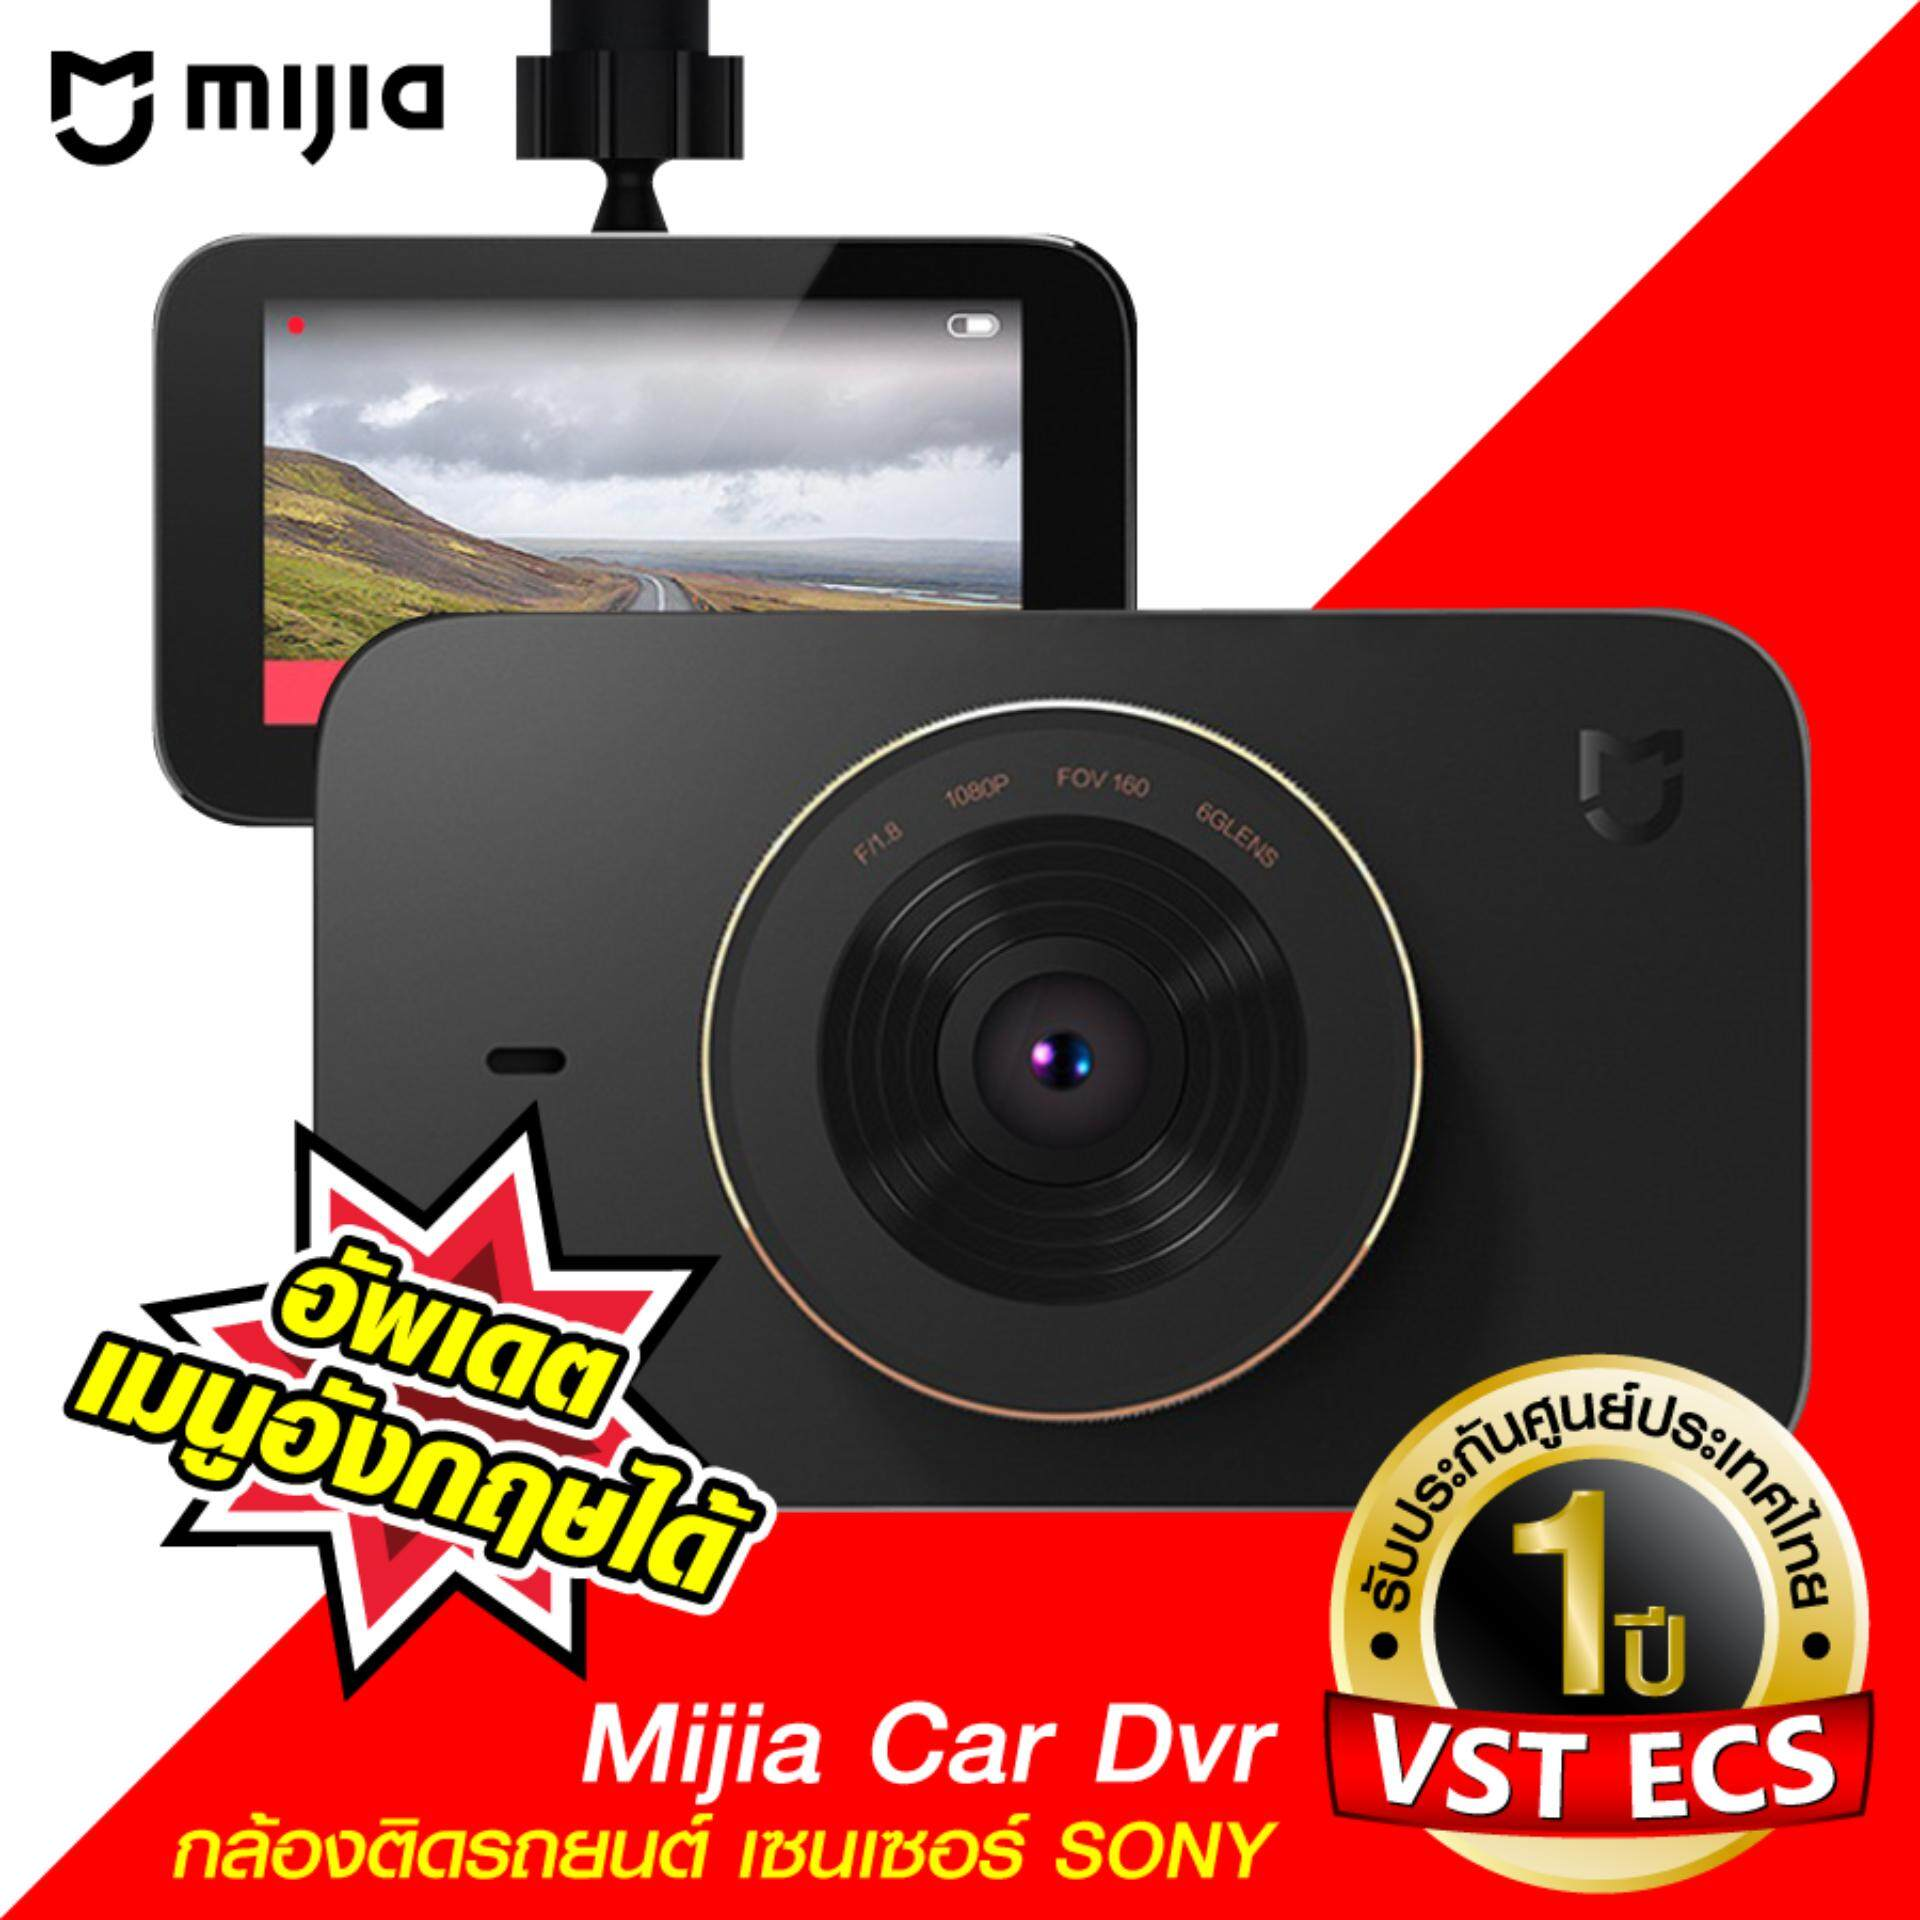 กล้องติดรถยนต์ Xiaomi Mijia Car DVR มี WiFi เซนเซอร์ SONY IMX323 (รับประกันศูนย์ไทย VSTECS 1 ปีเต็ม!!)